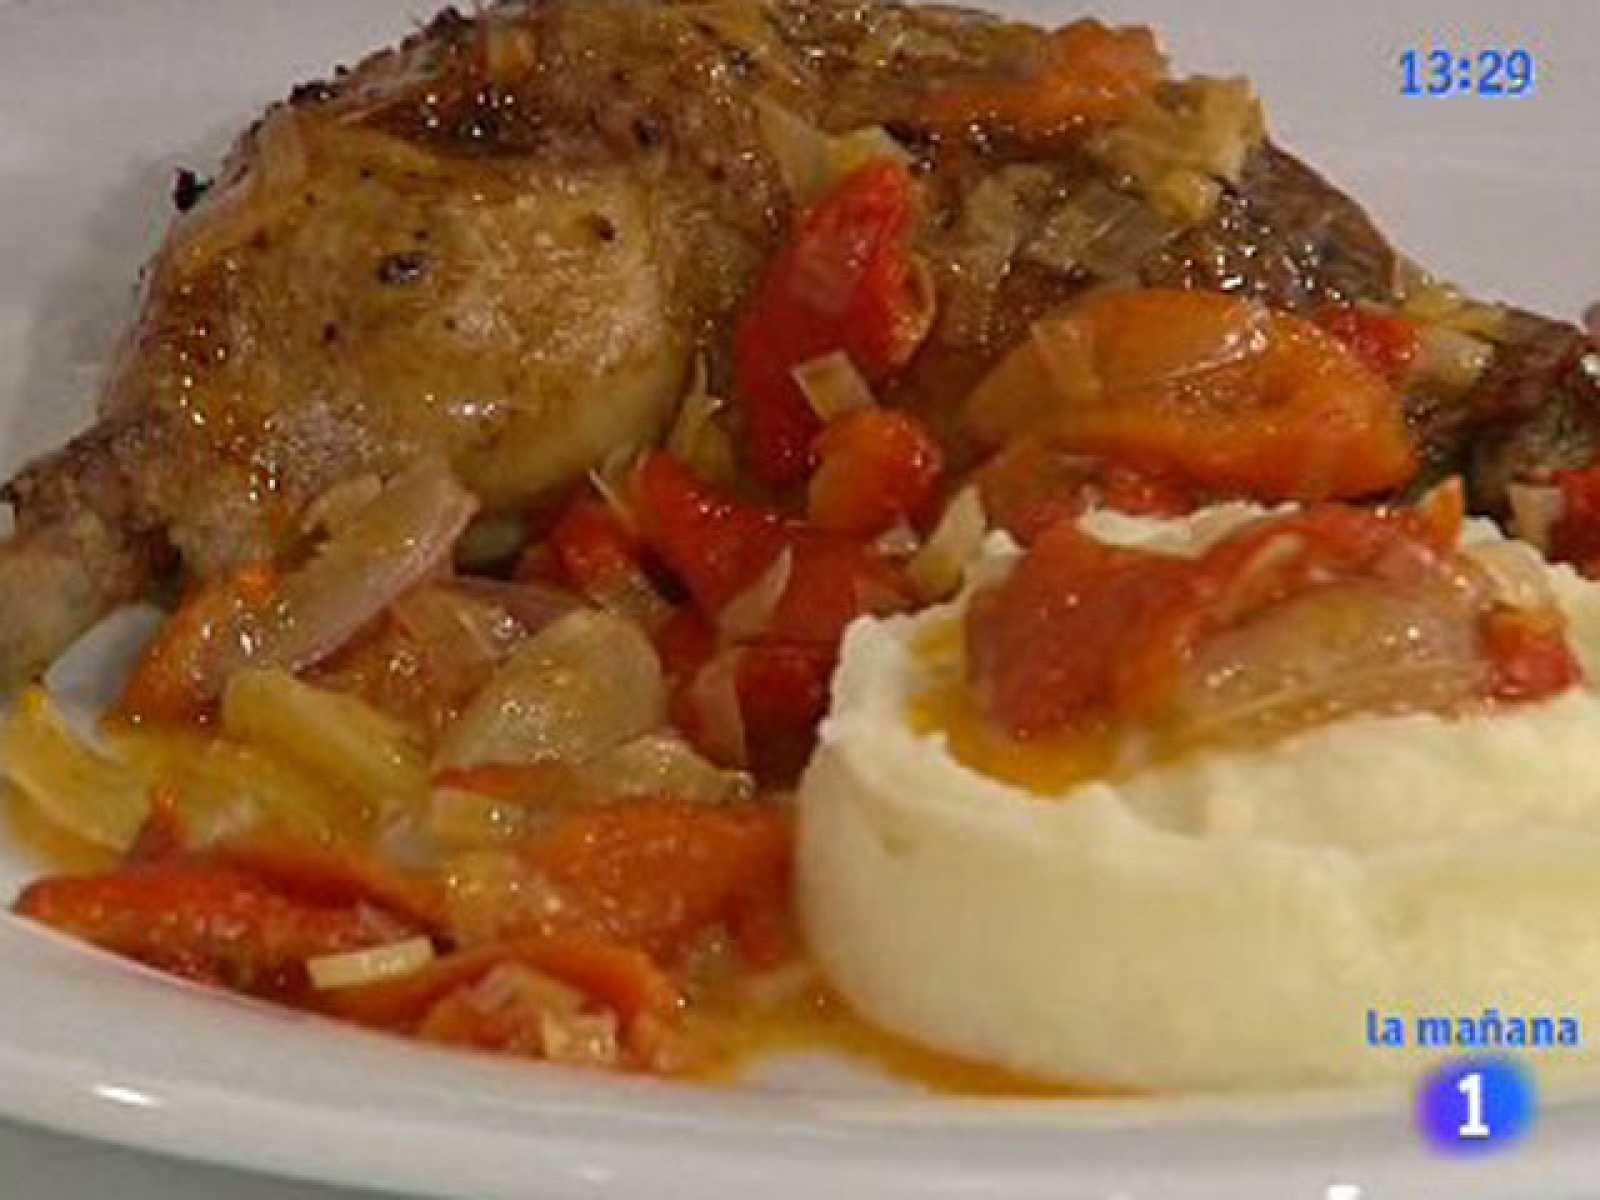 Saber cocinar - Pollo asado con salsa de uvas